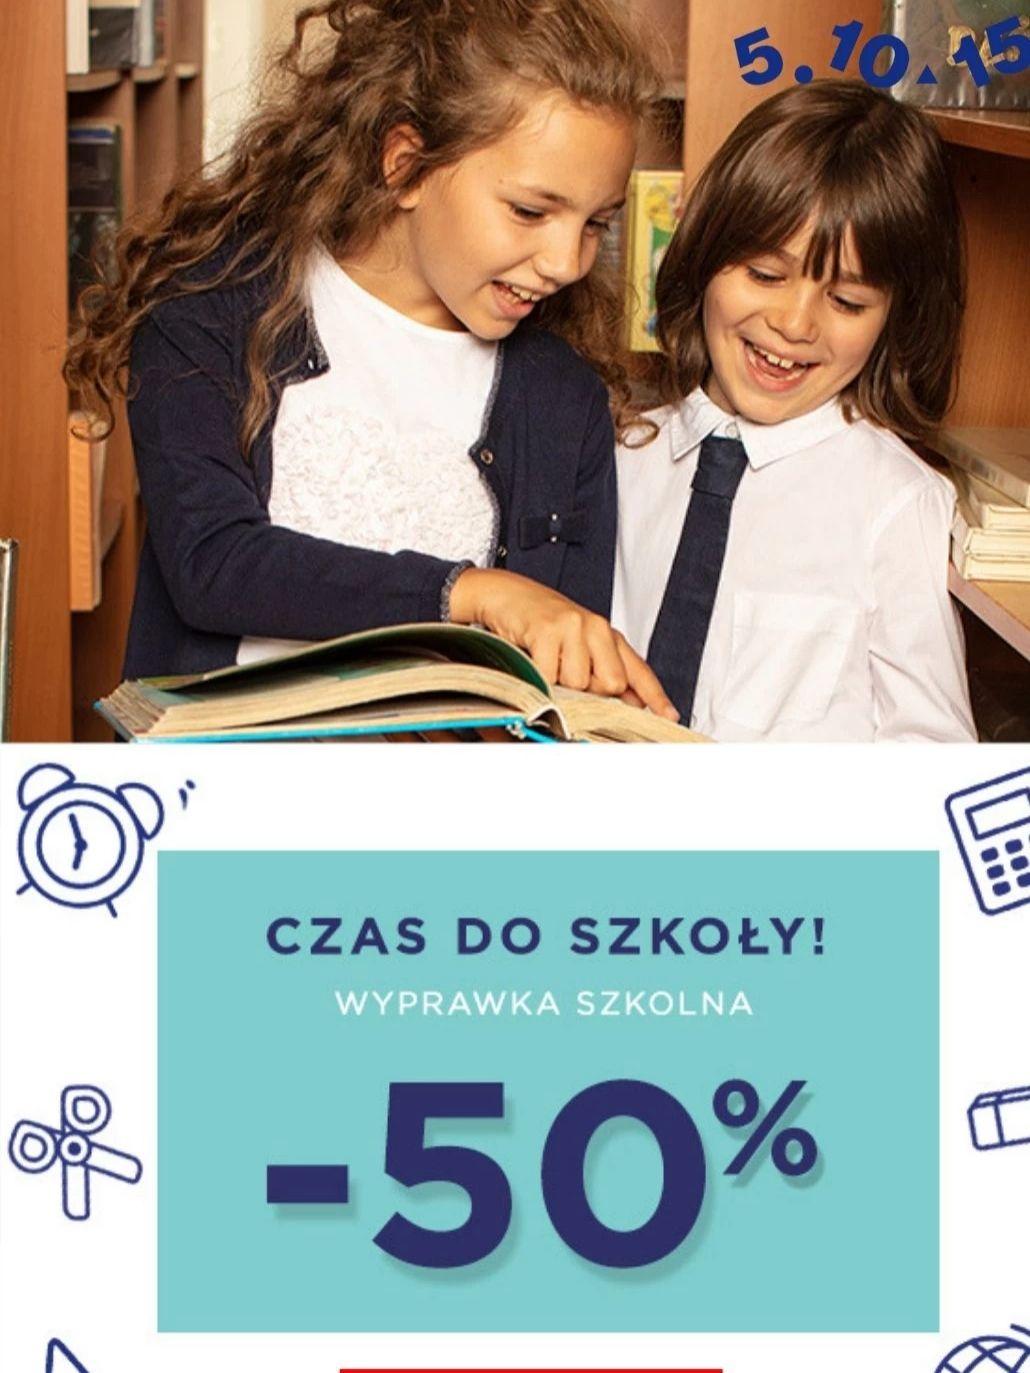 Odzież dziecięca 50% taniej. Dostawa od 8,49 Sklep 5 10 15